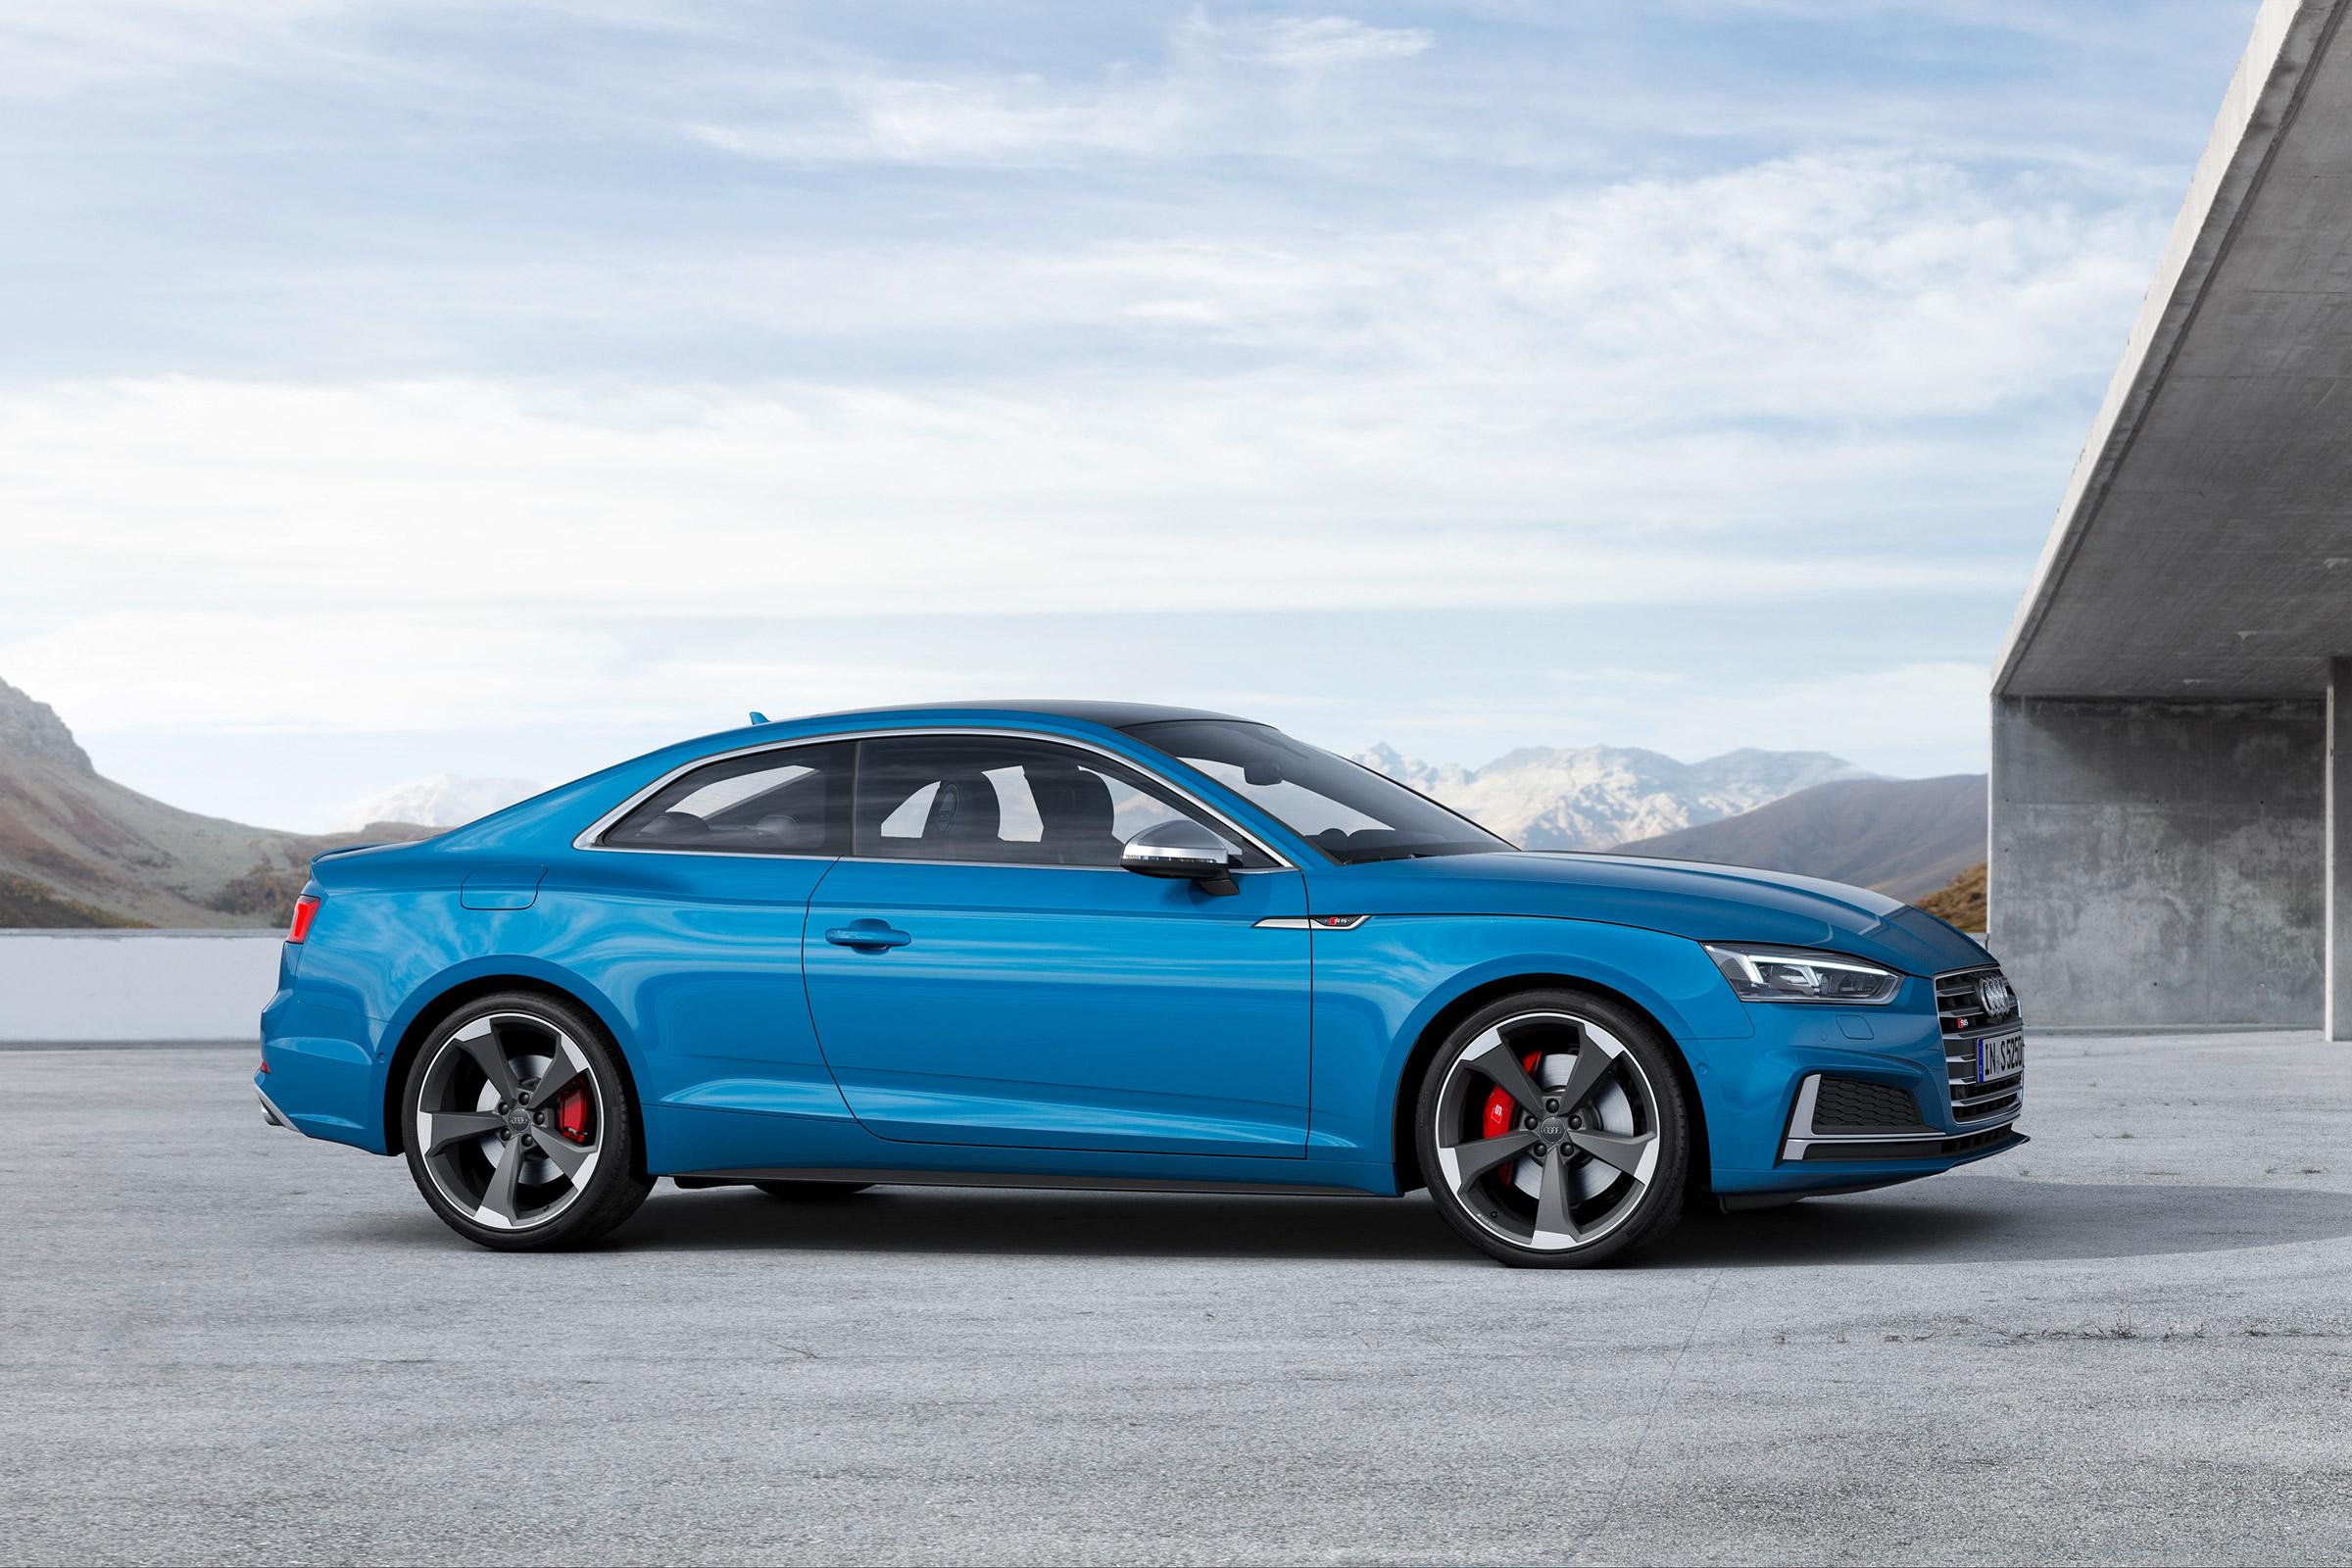 Kekurangan Audi S5 Tdi Murah Berkualitas